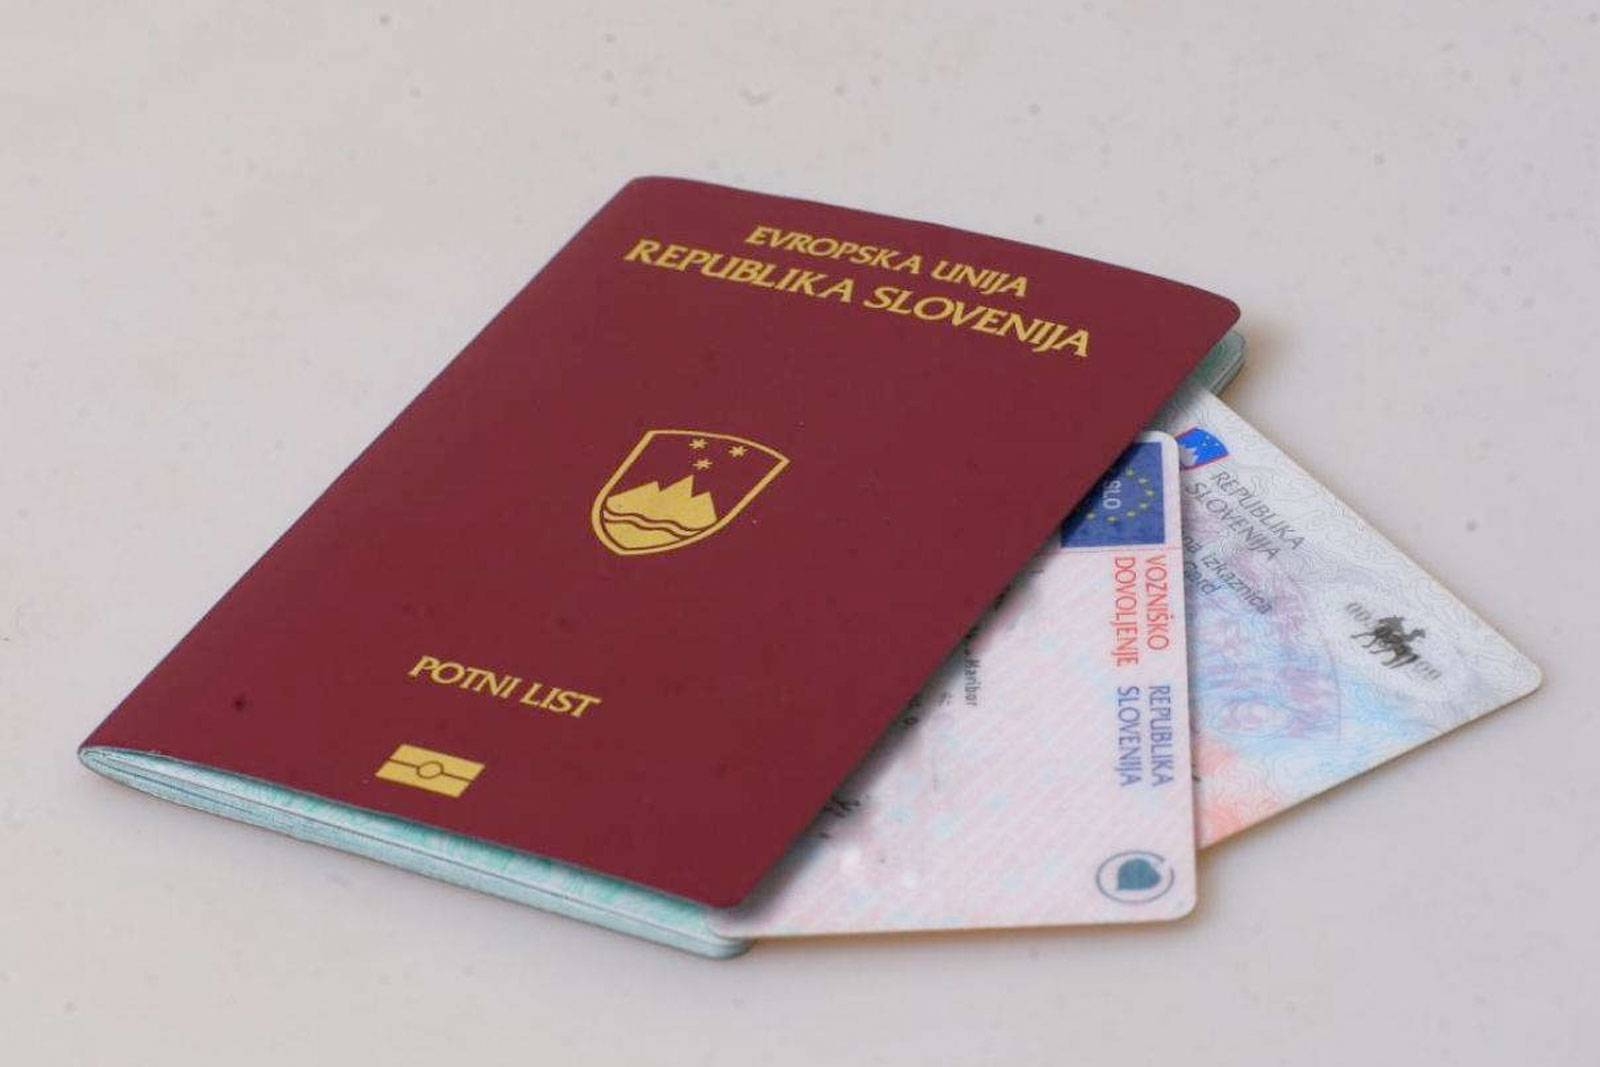 Иммиграция в венгрию: способы переезда на пмж из россии, получение внж, отзывы